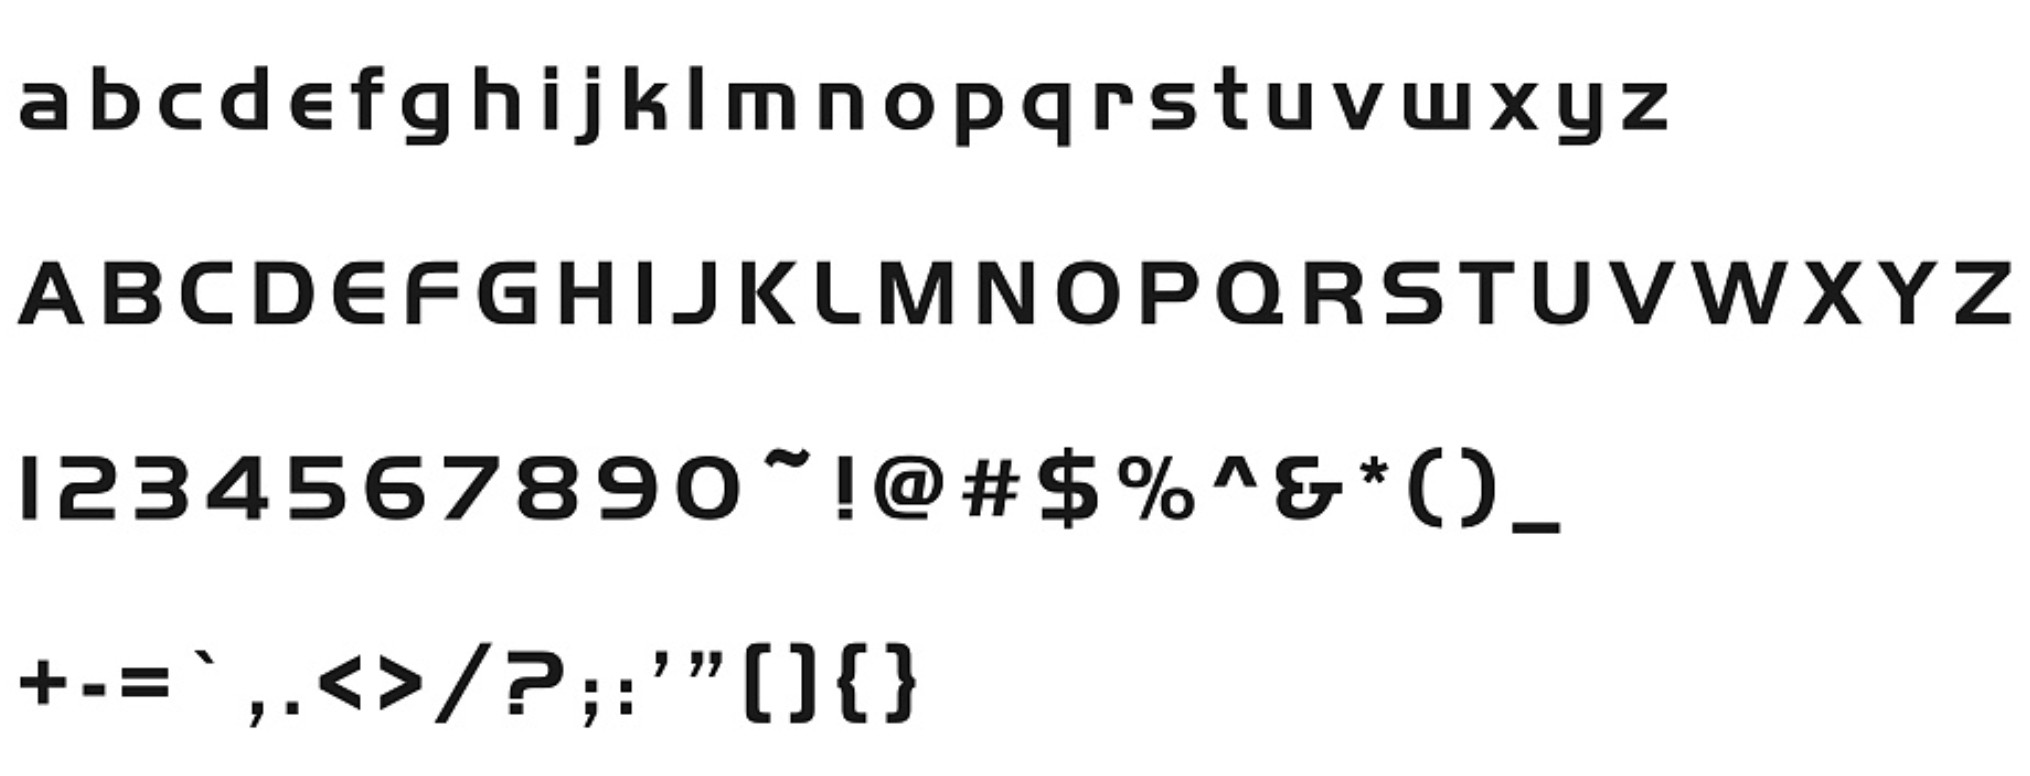 庞门正道标题体2.0 - 完全免费可商用中文字体!